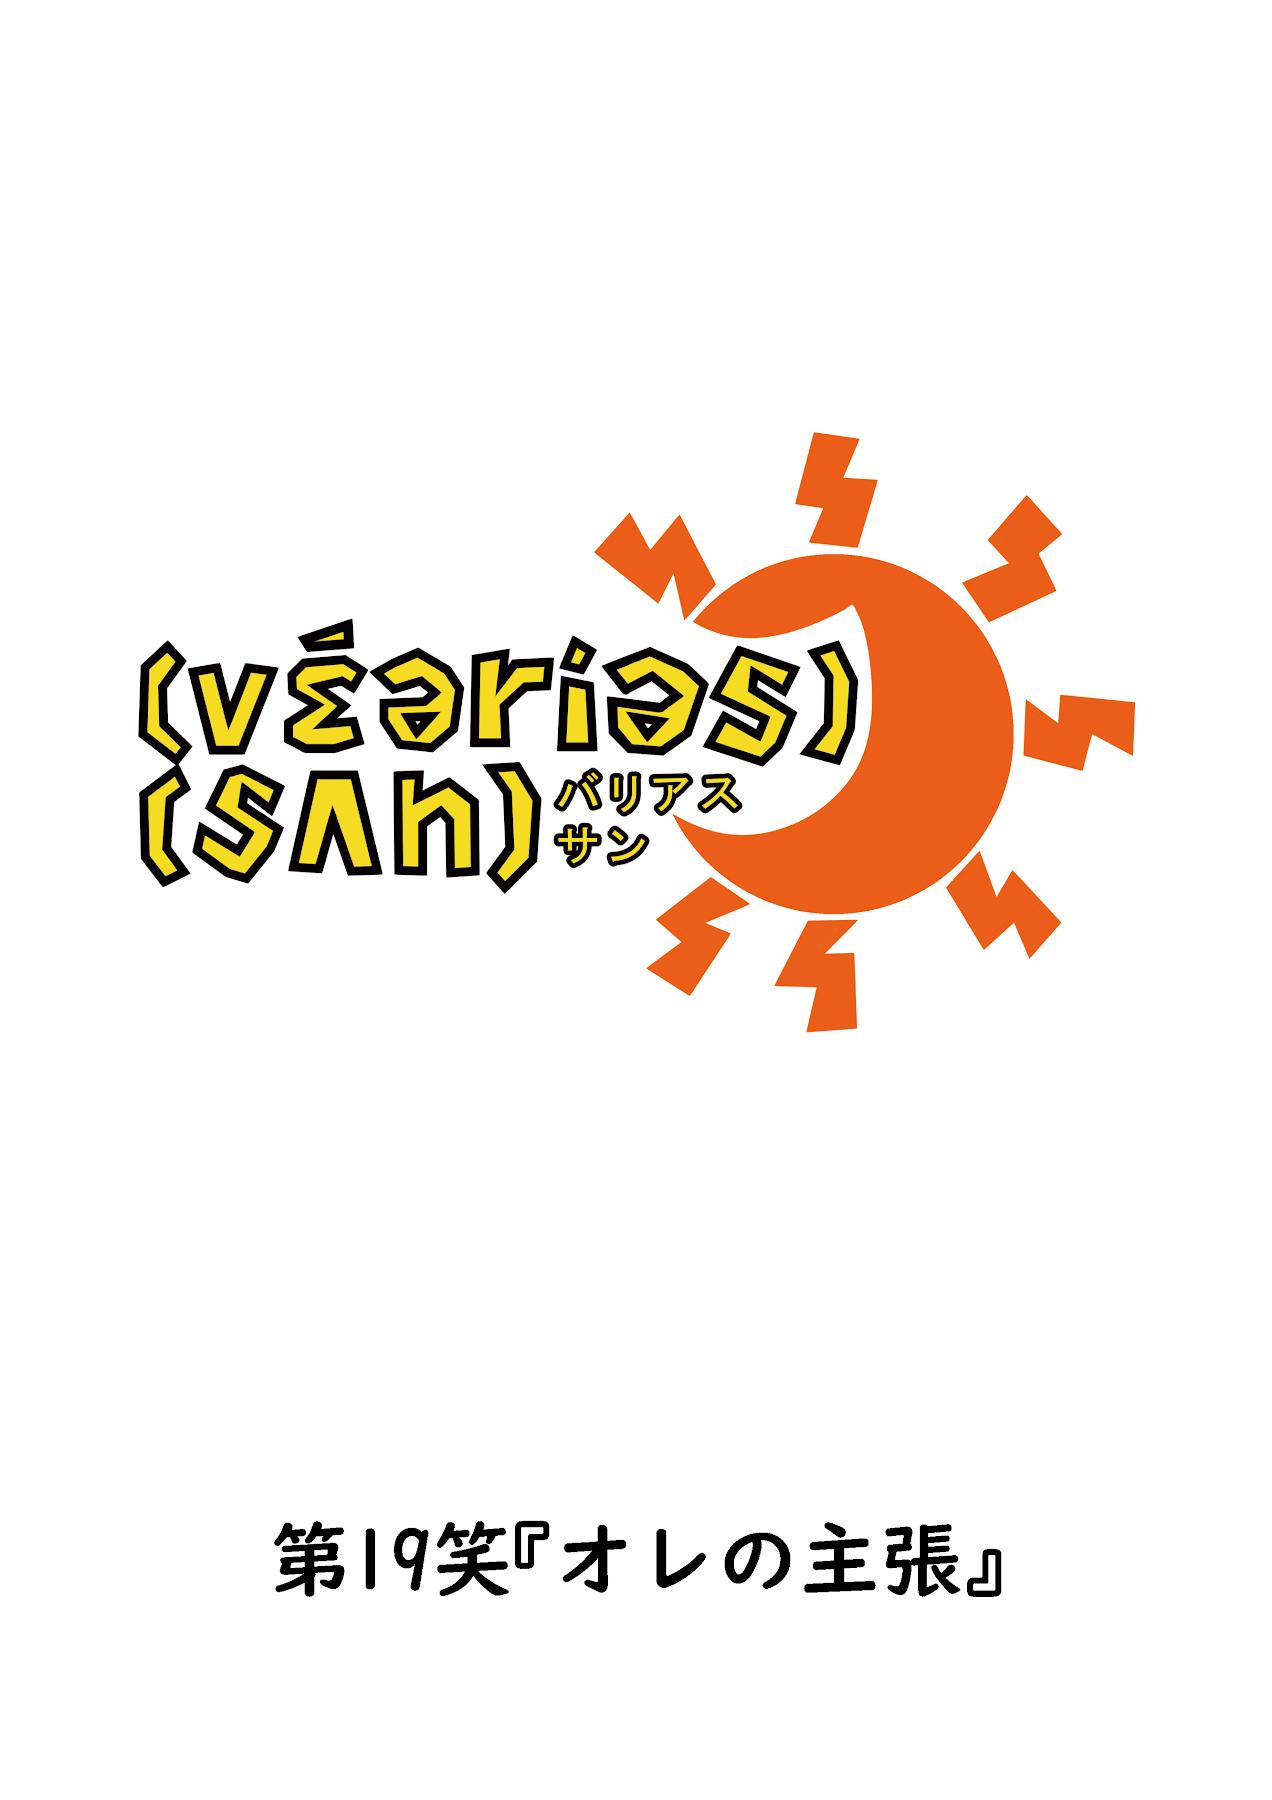 バリアス・サン19_1